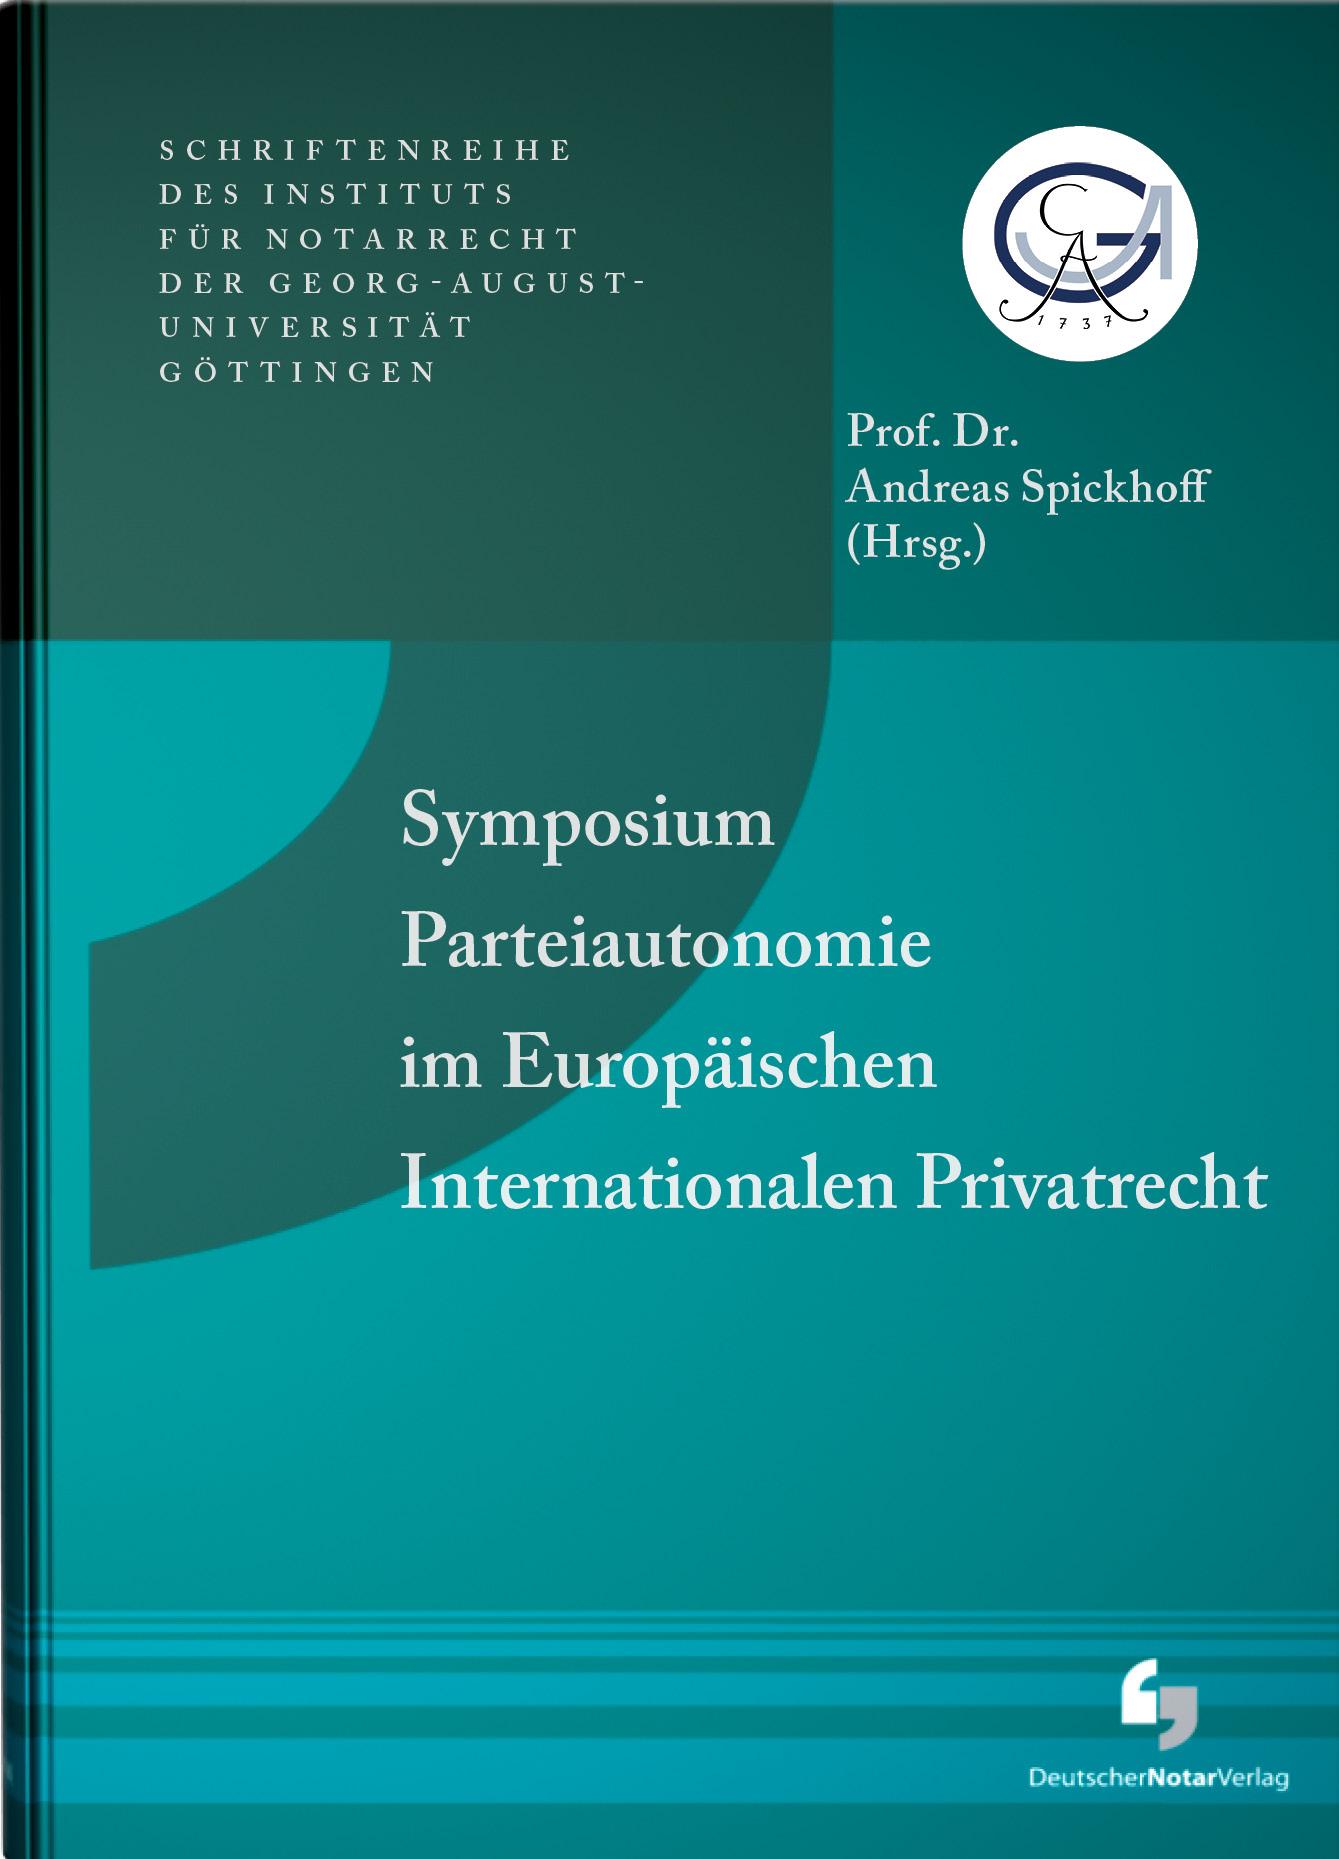 Symposium-Parteiautonomie-im-Europaeischen-Internationalen-Privatrecht-Andr